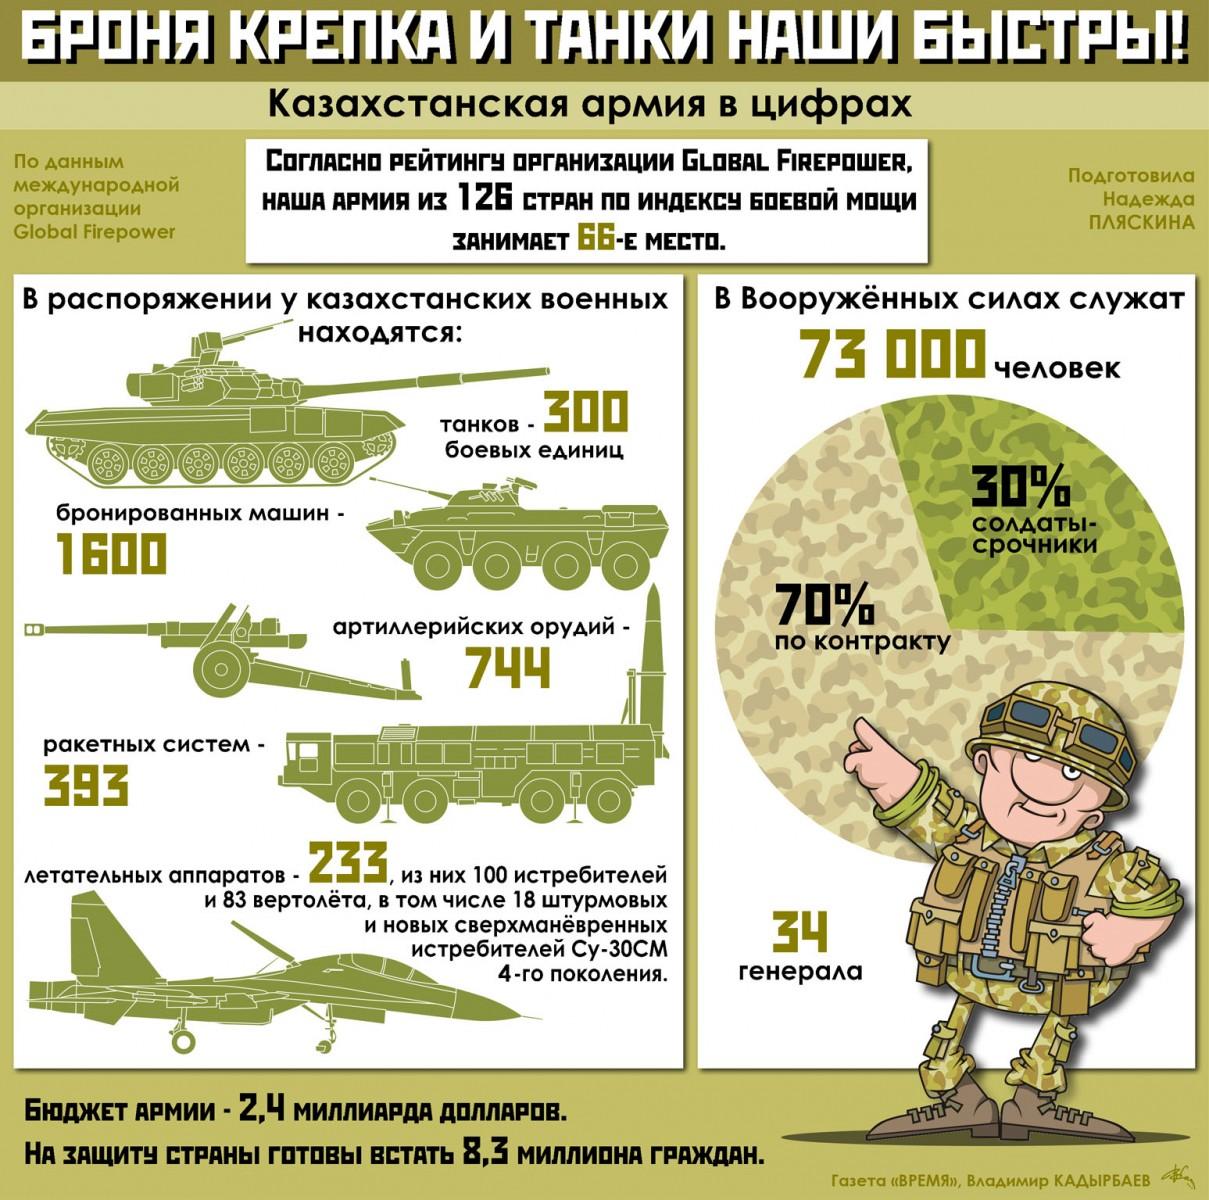 какое место занимает украина по армии